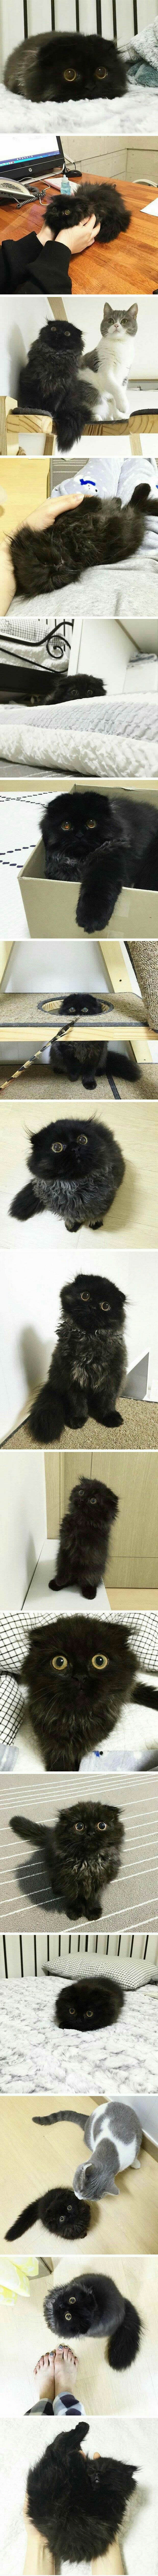 Fluffy ball  *fluffy fluffy* (1room1cat)